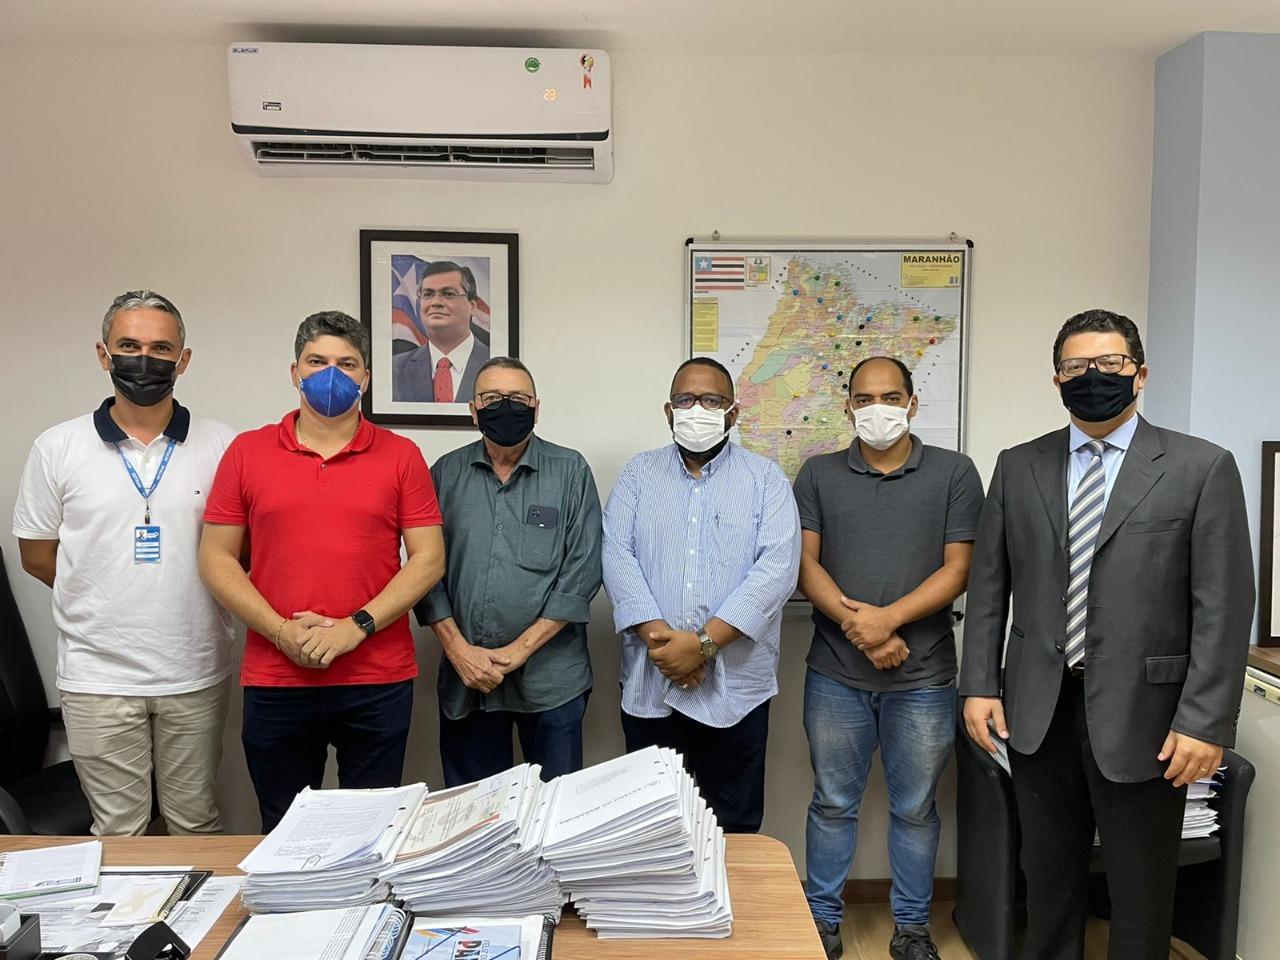 Em visita ao Governo, prefeito solicita posto do Detran e cais para o município de Godofredo Viana